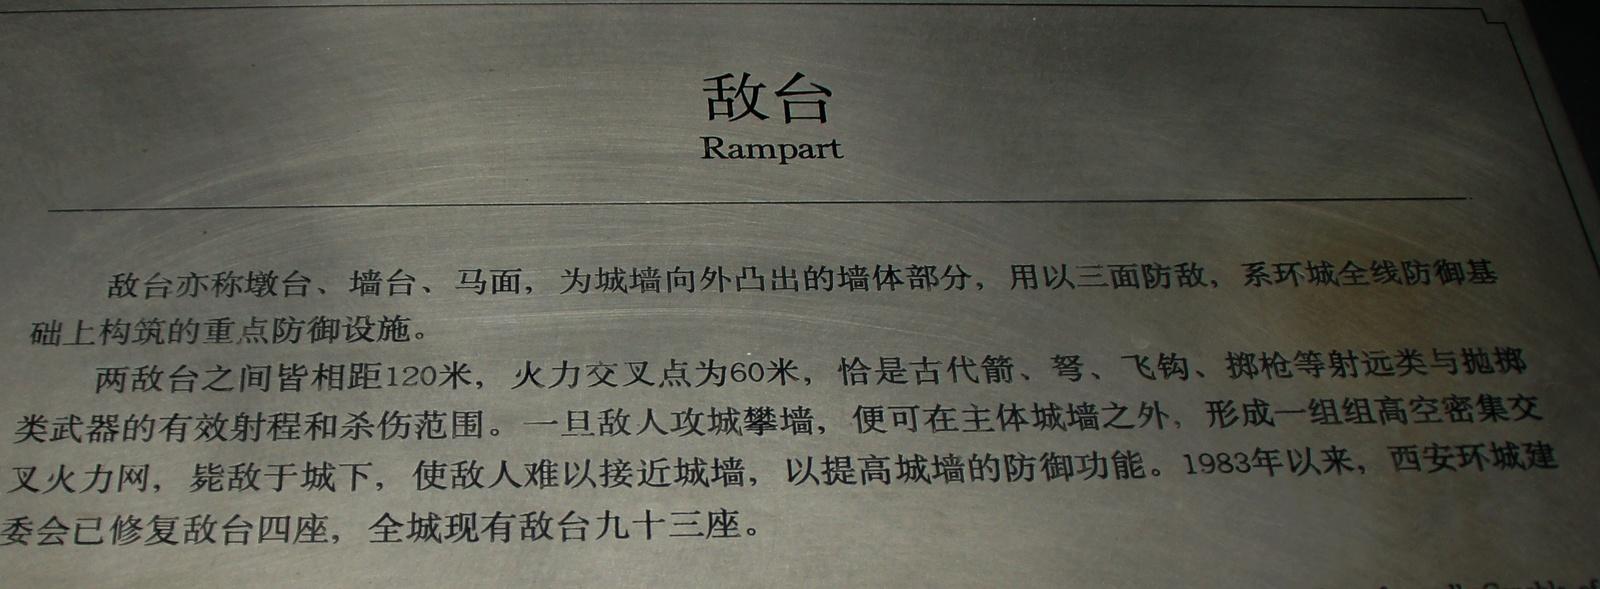 西安城墙敌台简介-07-1600.jpg